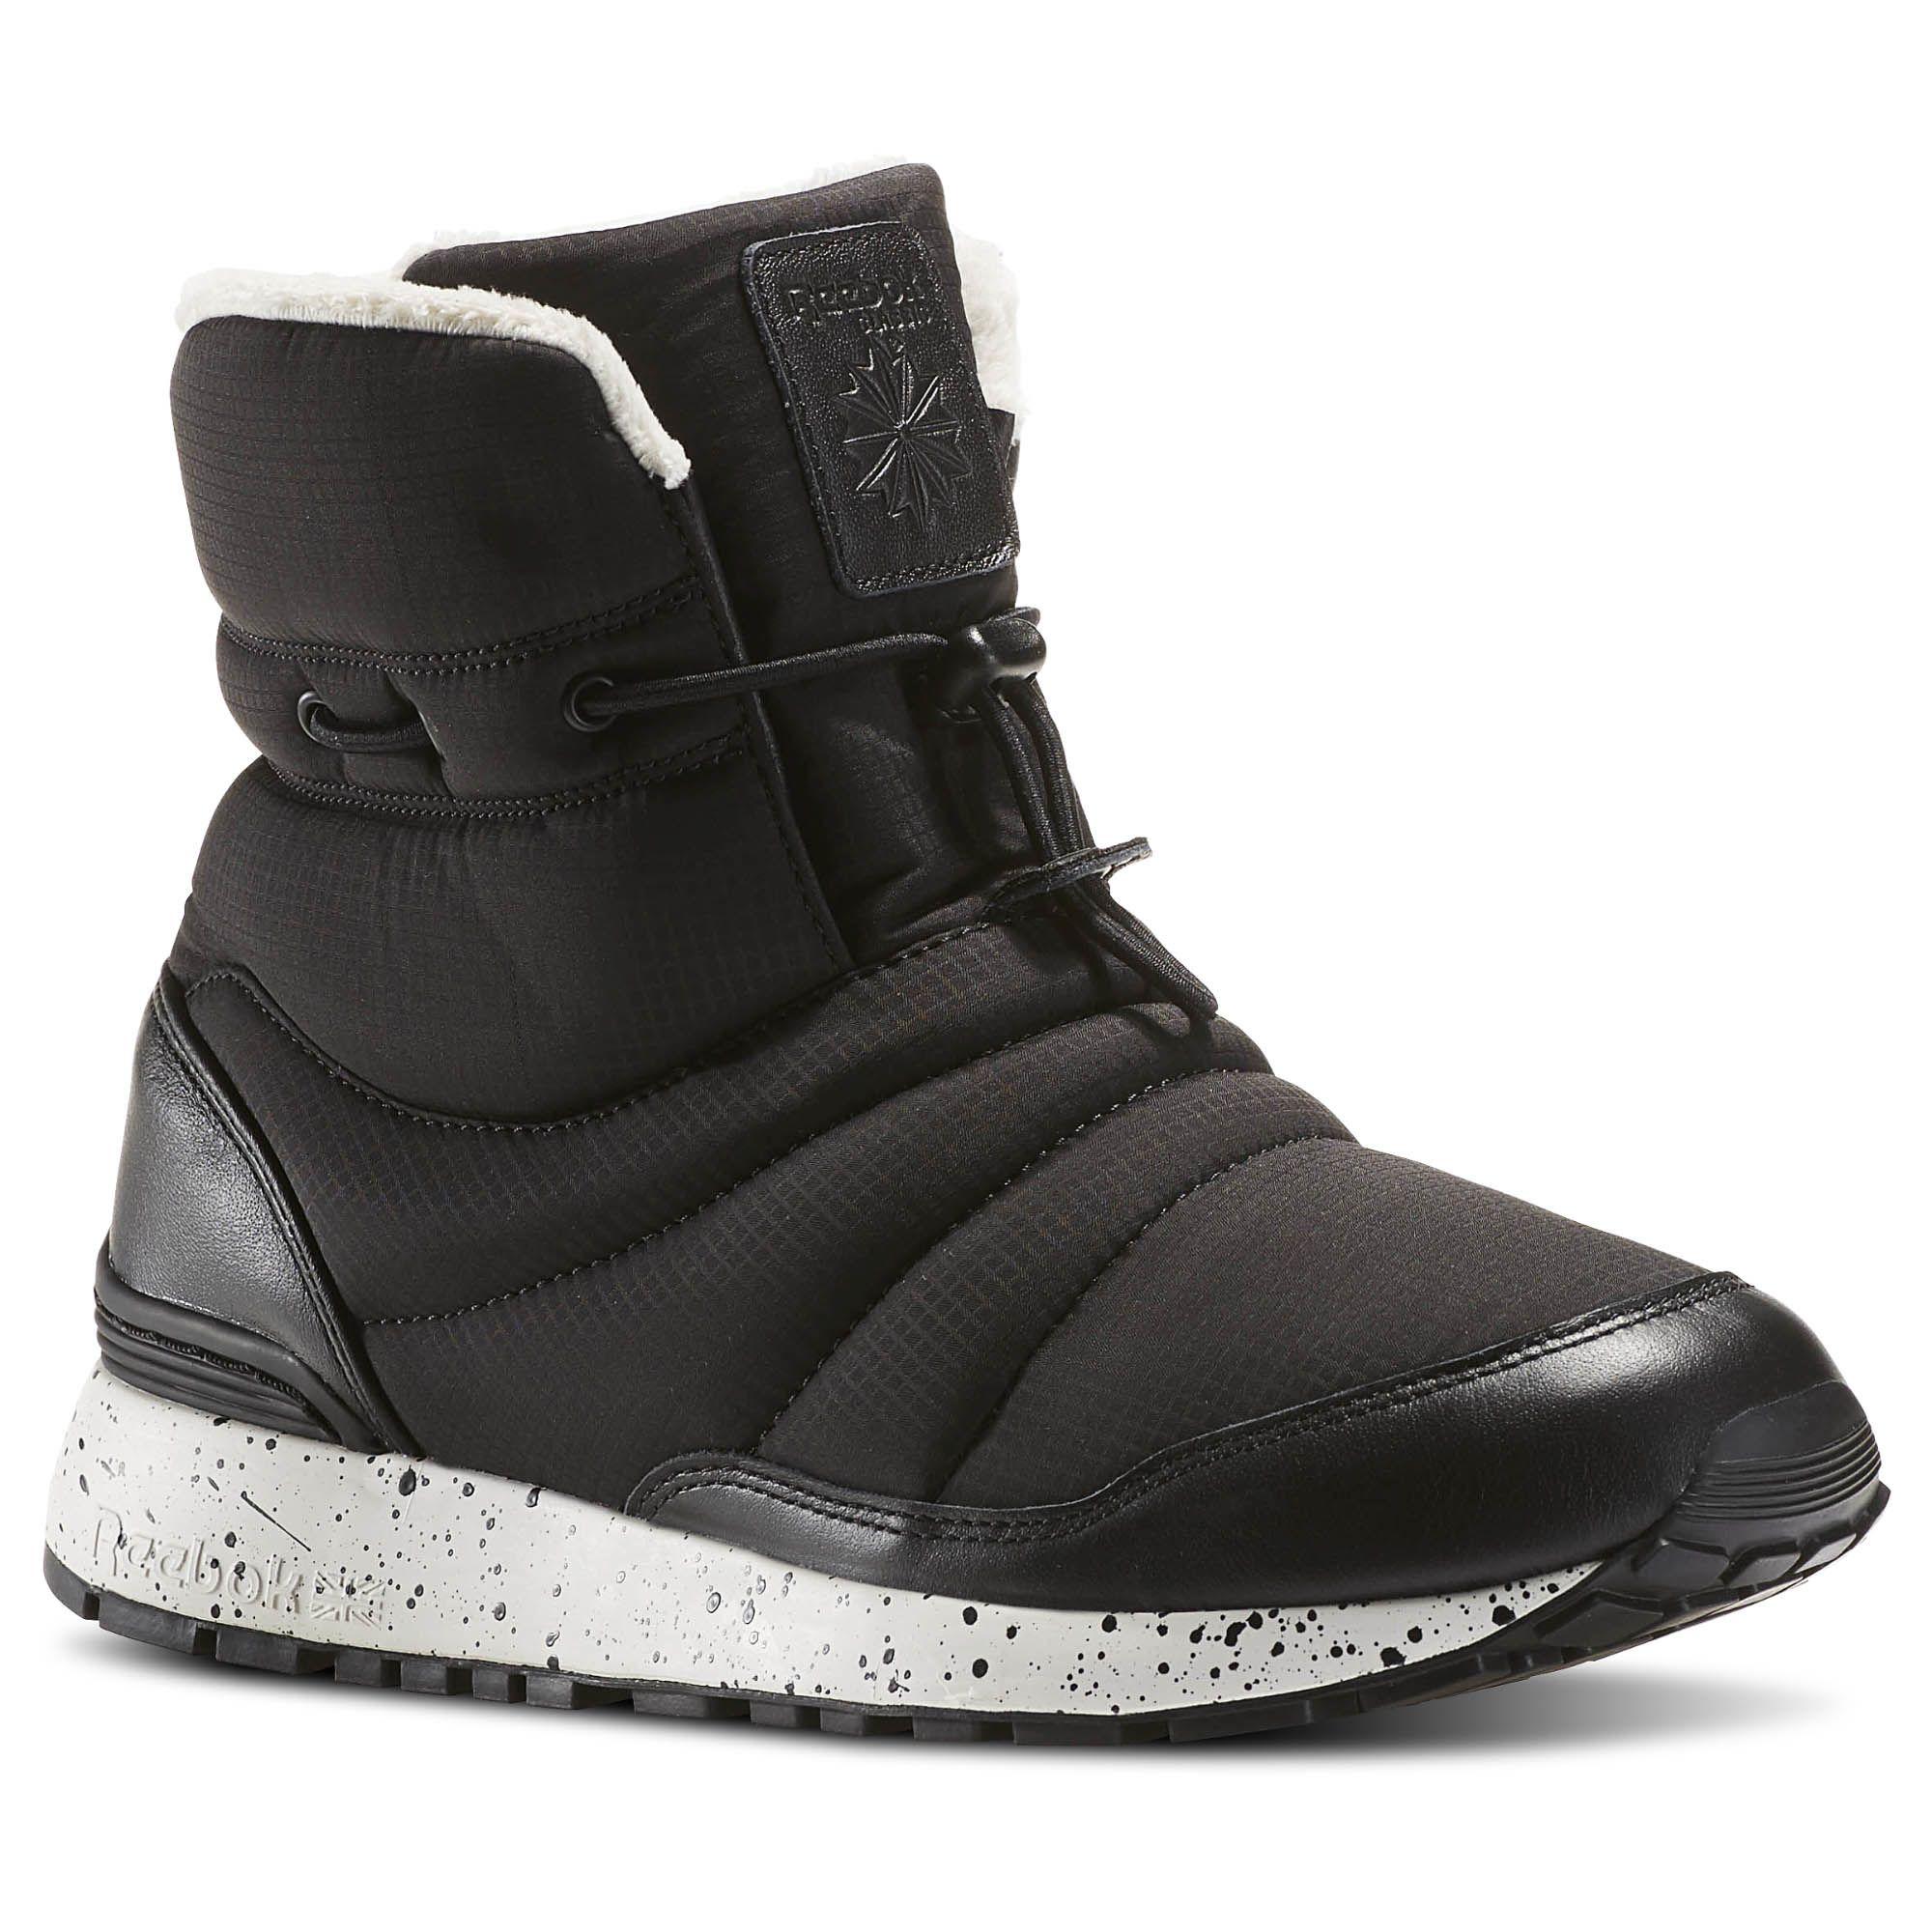 Полусапоги женские Reebok GL Puff Boot, цвет: черный. AR0606. Размер 6 (36)AR0606Снег и слякоть - не повод отказываться от прогулок. Полусапоги GL Puff Boot от Reebok - как раз то, что нужно для такой погоды. Оригинальная застежка в виде регулируемого шнурка, высокий дизайн и подкладка гарантируют тепло.Модель выполнена из ткани с влагоотталкивающим покрытием и кожаными вставками в области пятки и мыска. Подкладка Thinsulate и искусственный мех обеспечивают мягкость и тепло. Легкая литая промежуточная подошва из ЭВА обеспечивает оптимальную амортизацию. Стойкая к истиранию, прочная резиновая подошва гарантирует отличное сцепление с поверхностью.